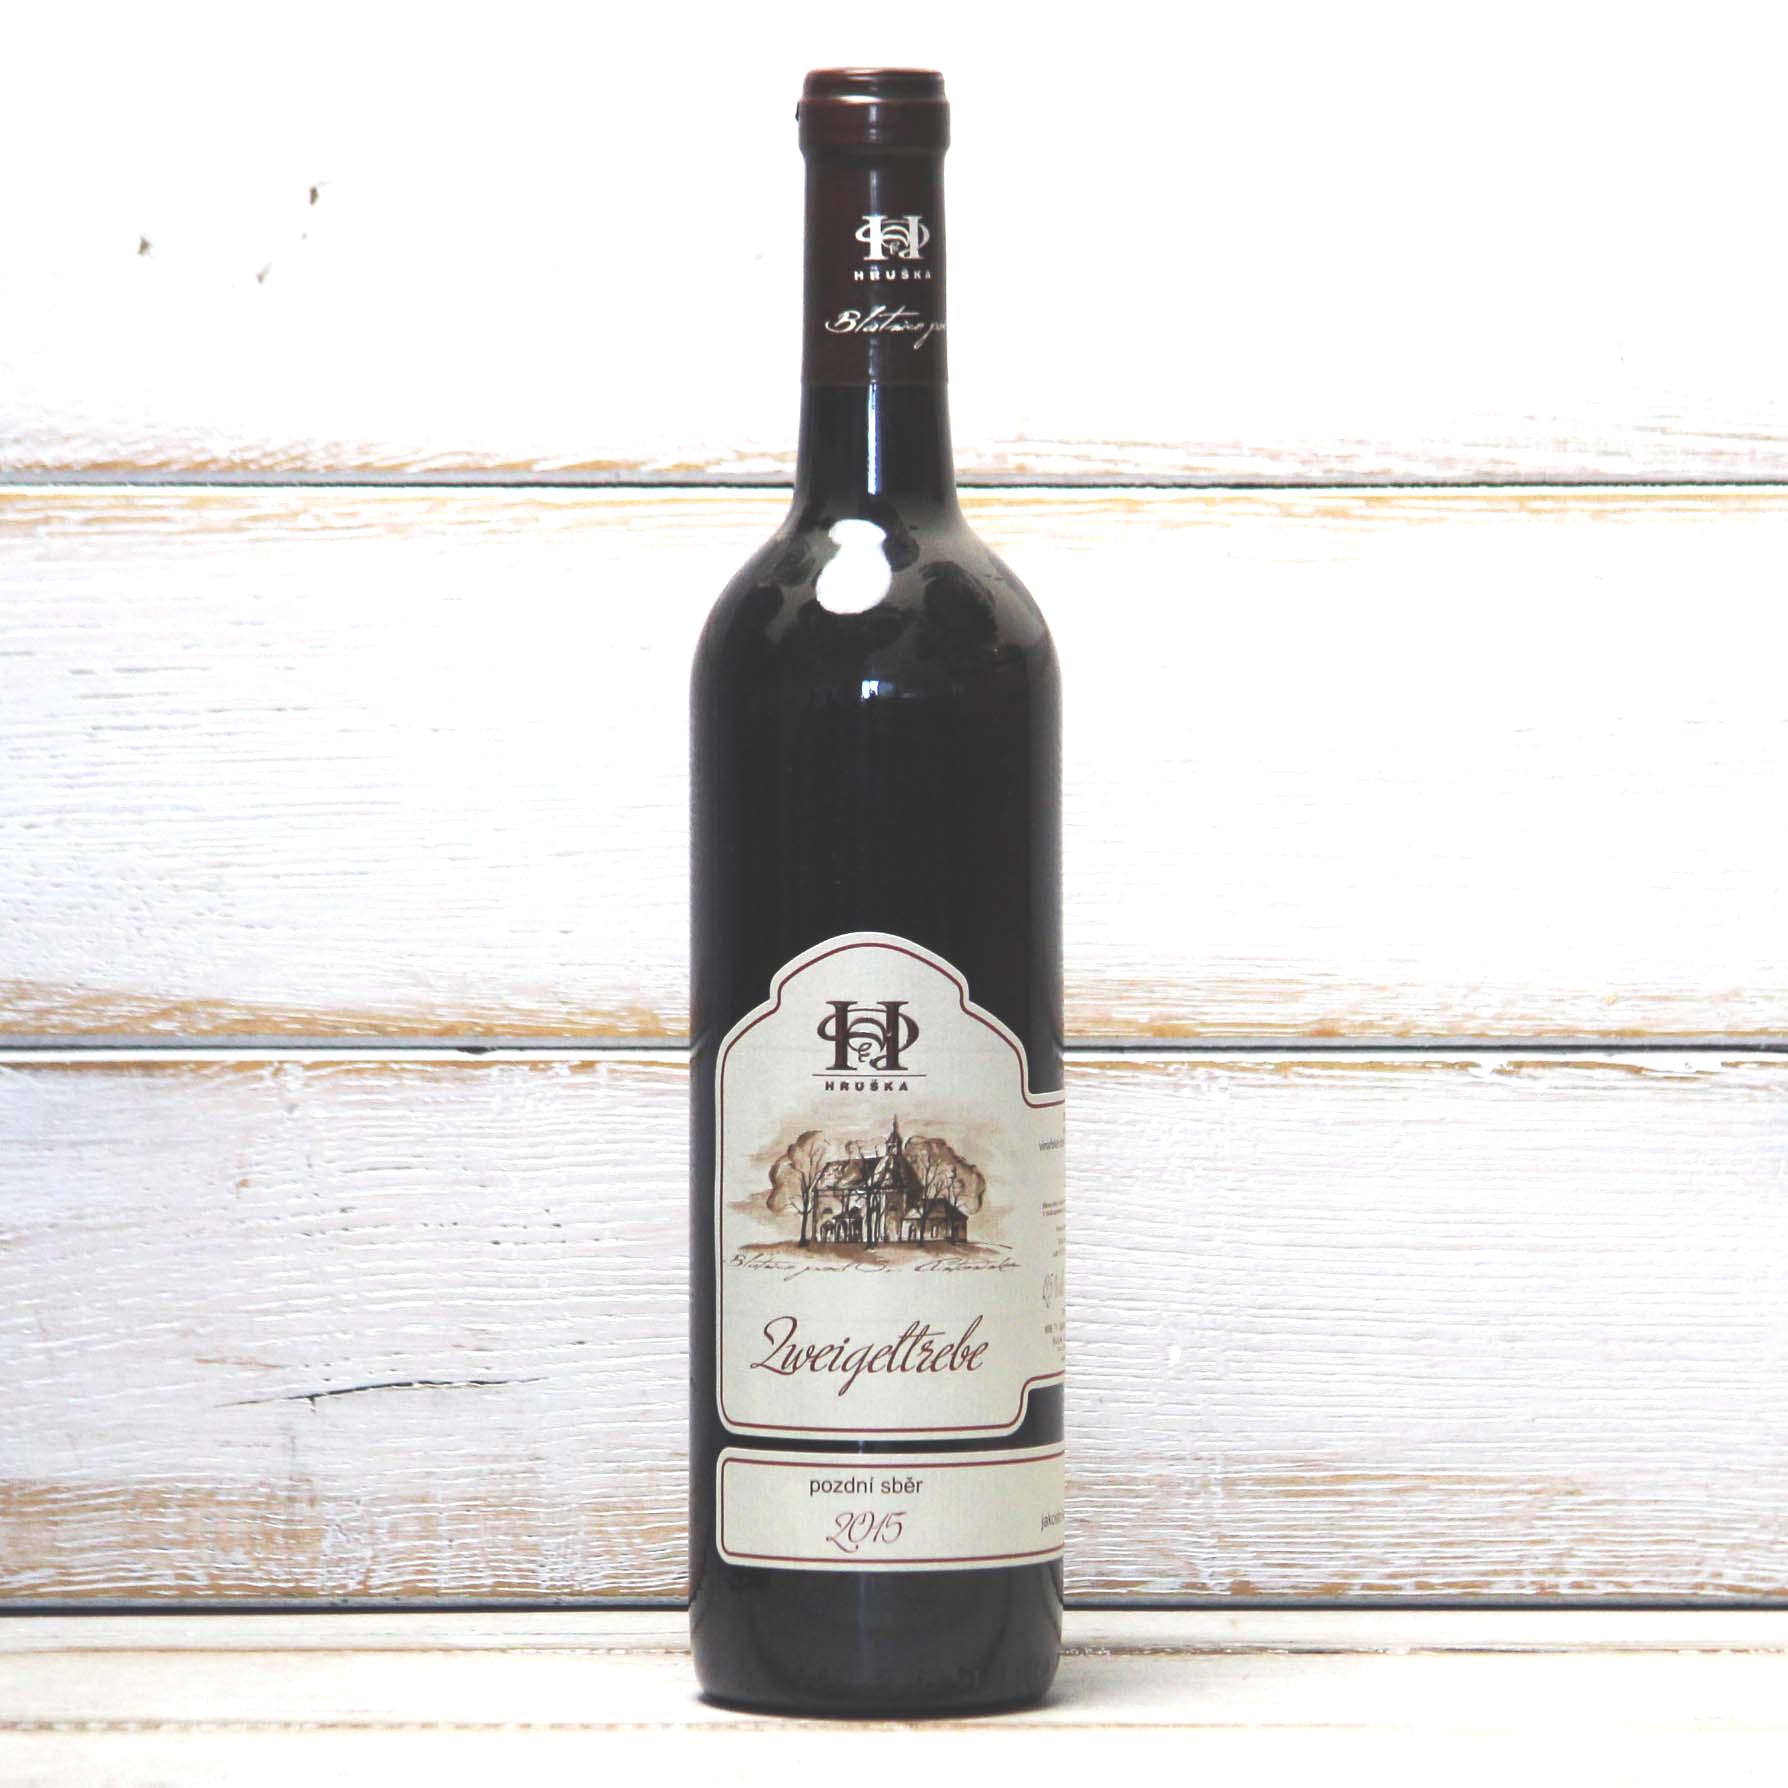 Zweigeltrebe 2016 - vinařství Pavel Hruška